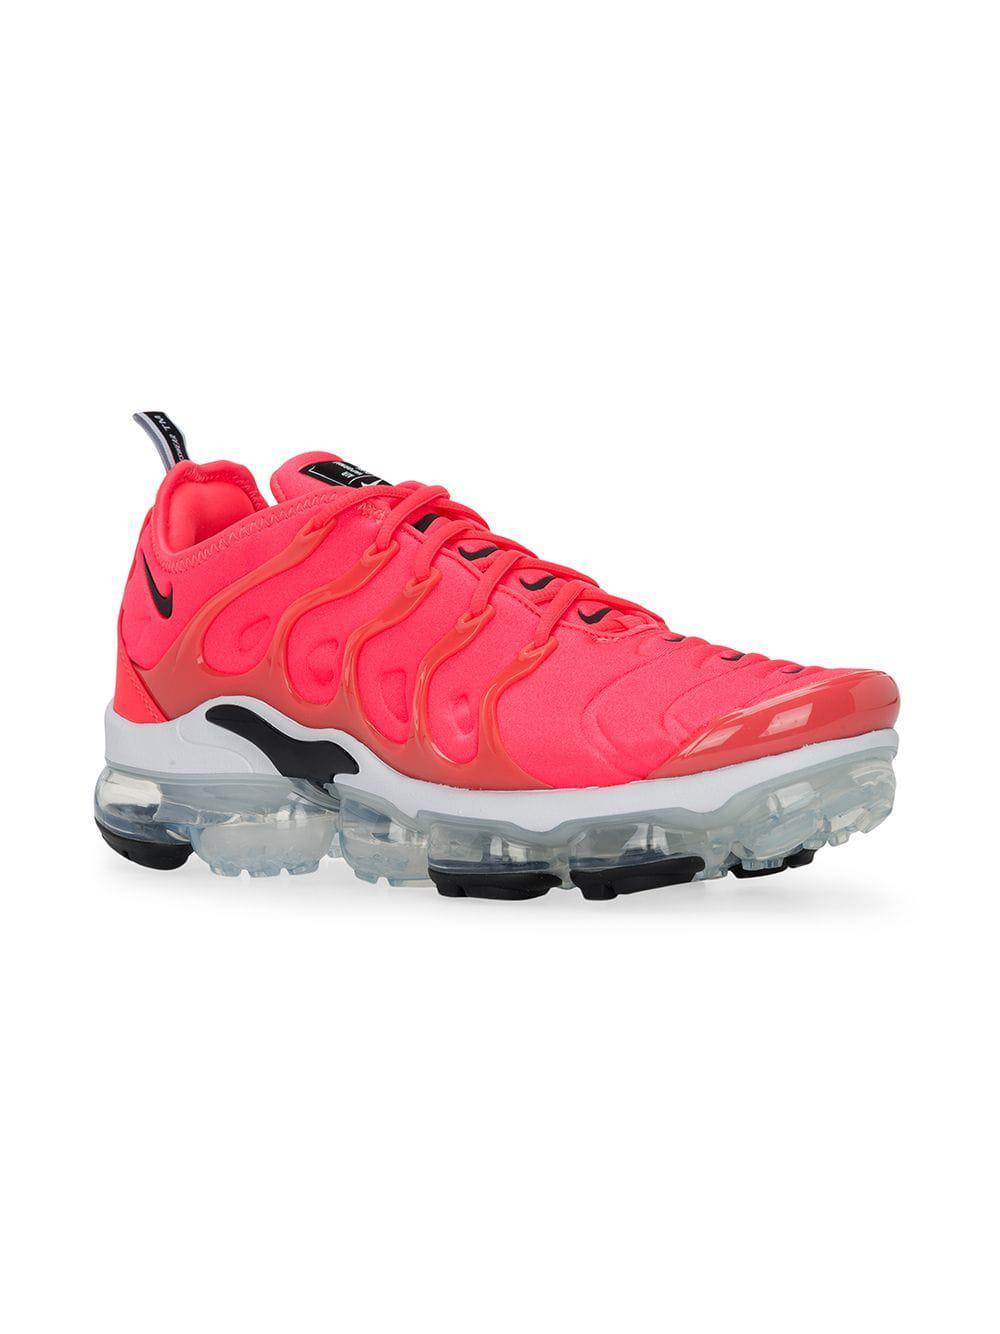 ef4031f3b0b771 Lyst - Nike Air Vapormax Plus Sneakers in Pink for Men